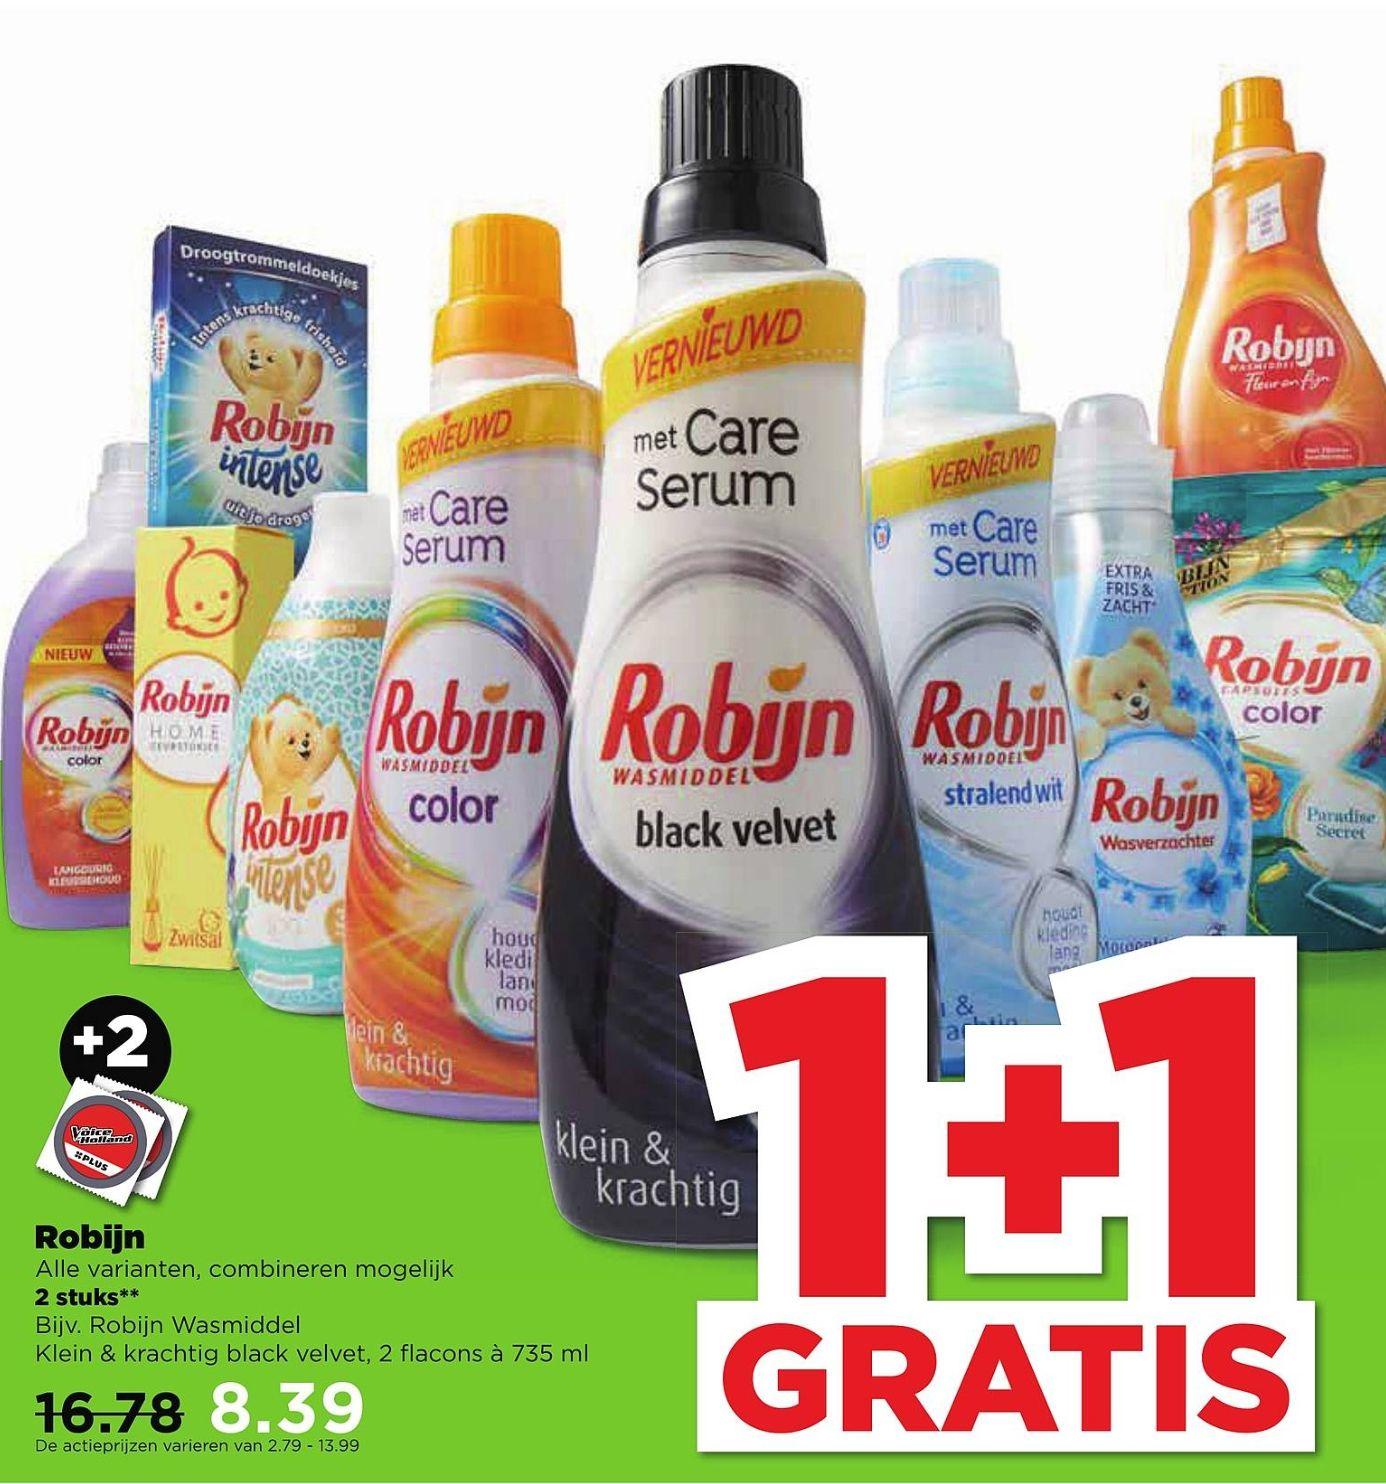 1+1 gratis - Alle varianten Robijn @PLUS